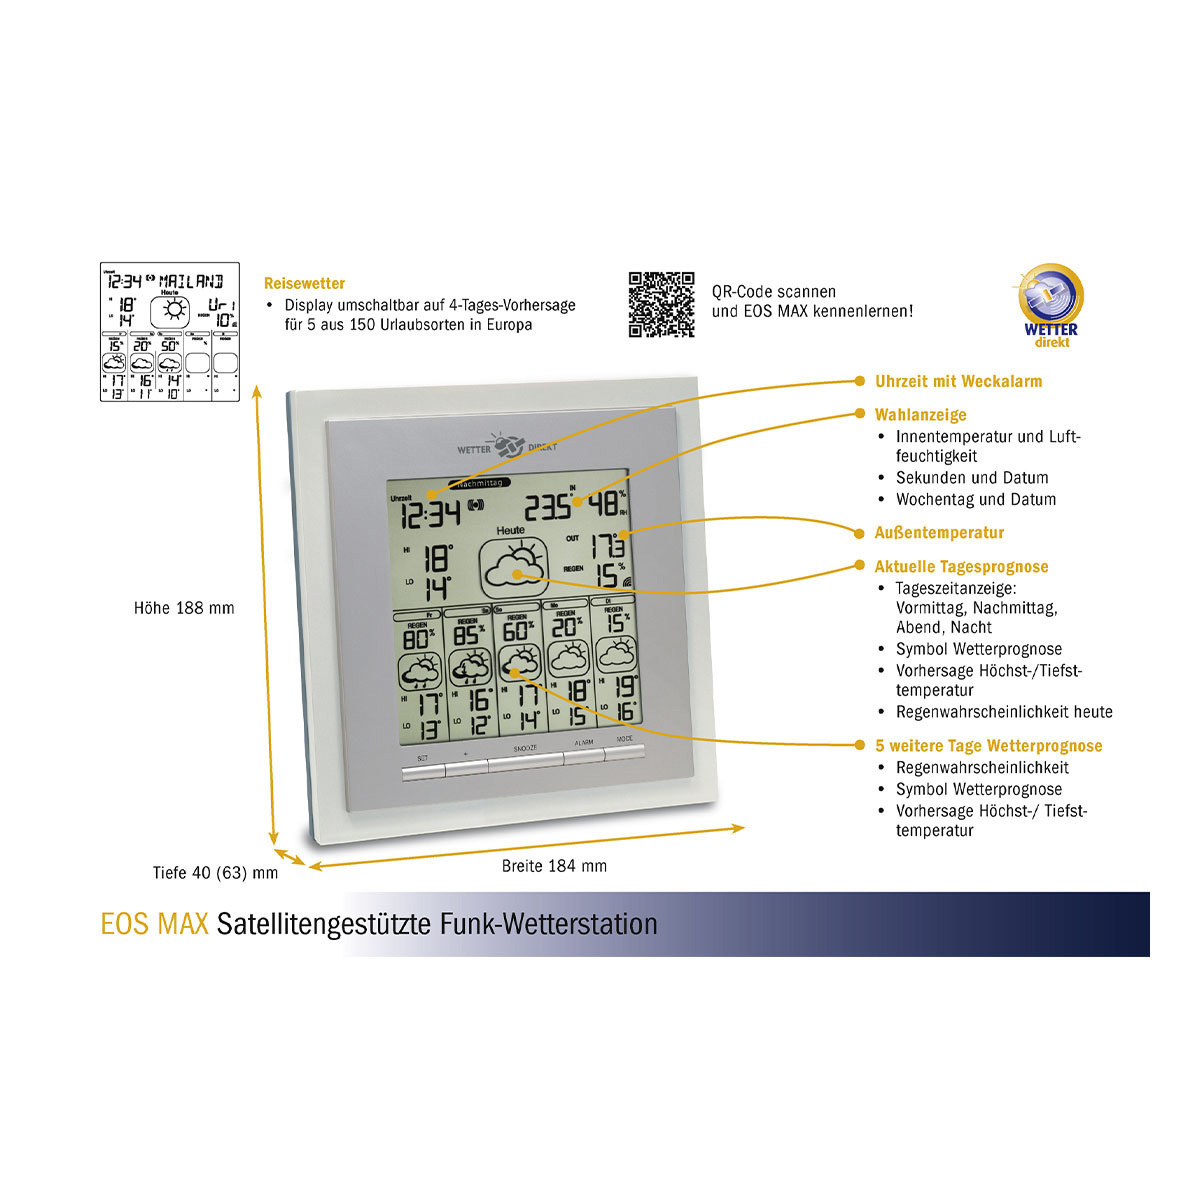 35-5015-02-it-satellitengestützte-funk-wetterstation-eox-max-abmessungen-1200x1200px.jpg